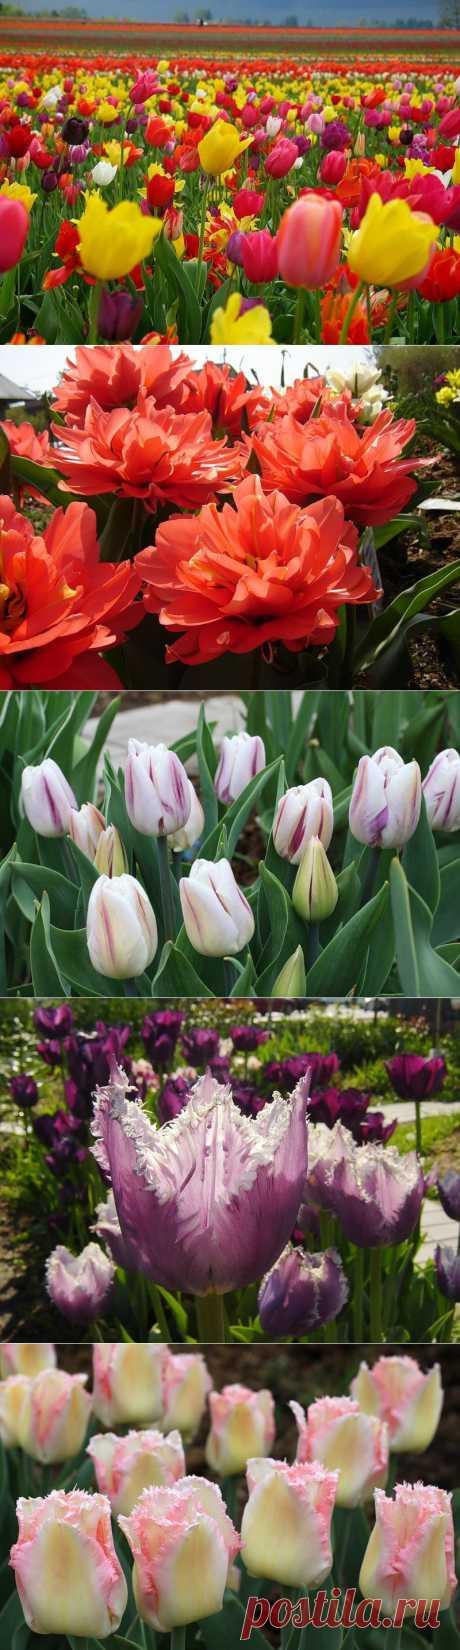 Тюльпаны: посадка и выращивание в саду, сорта, борьба с вредителями и болезнями.